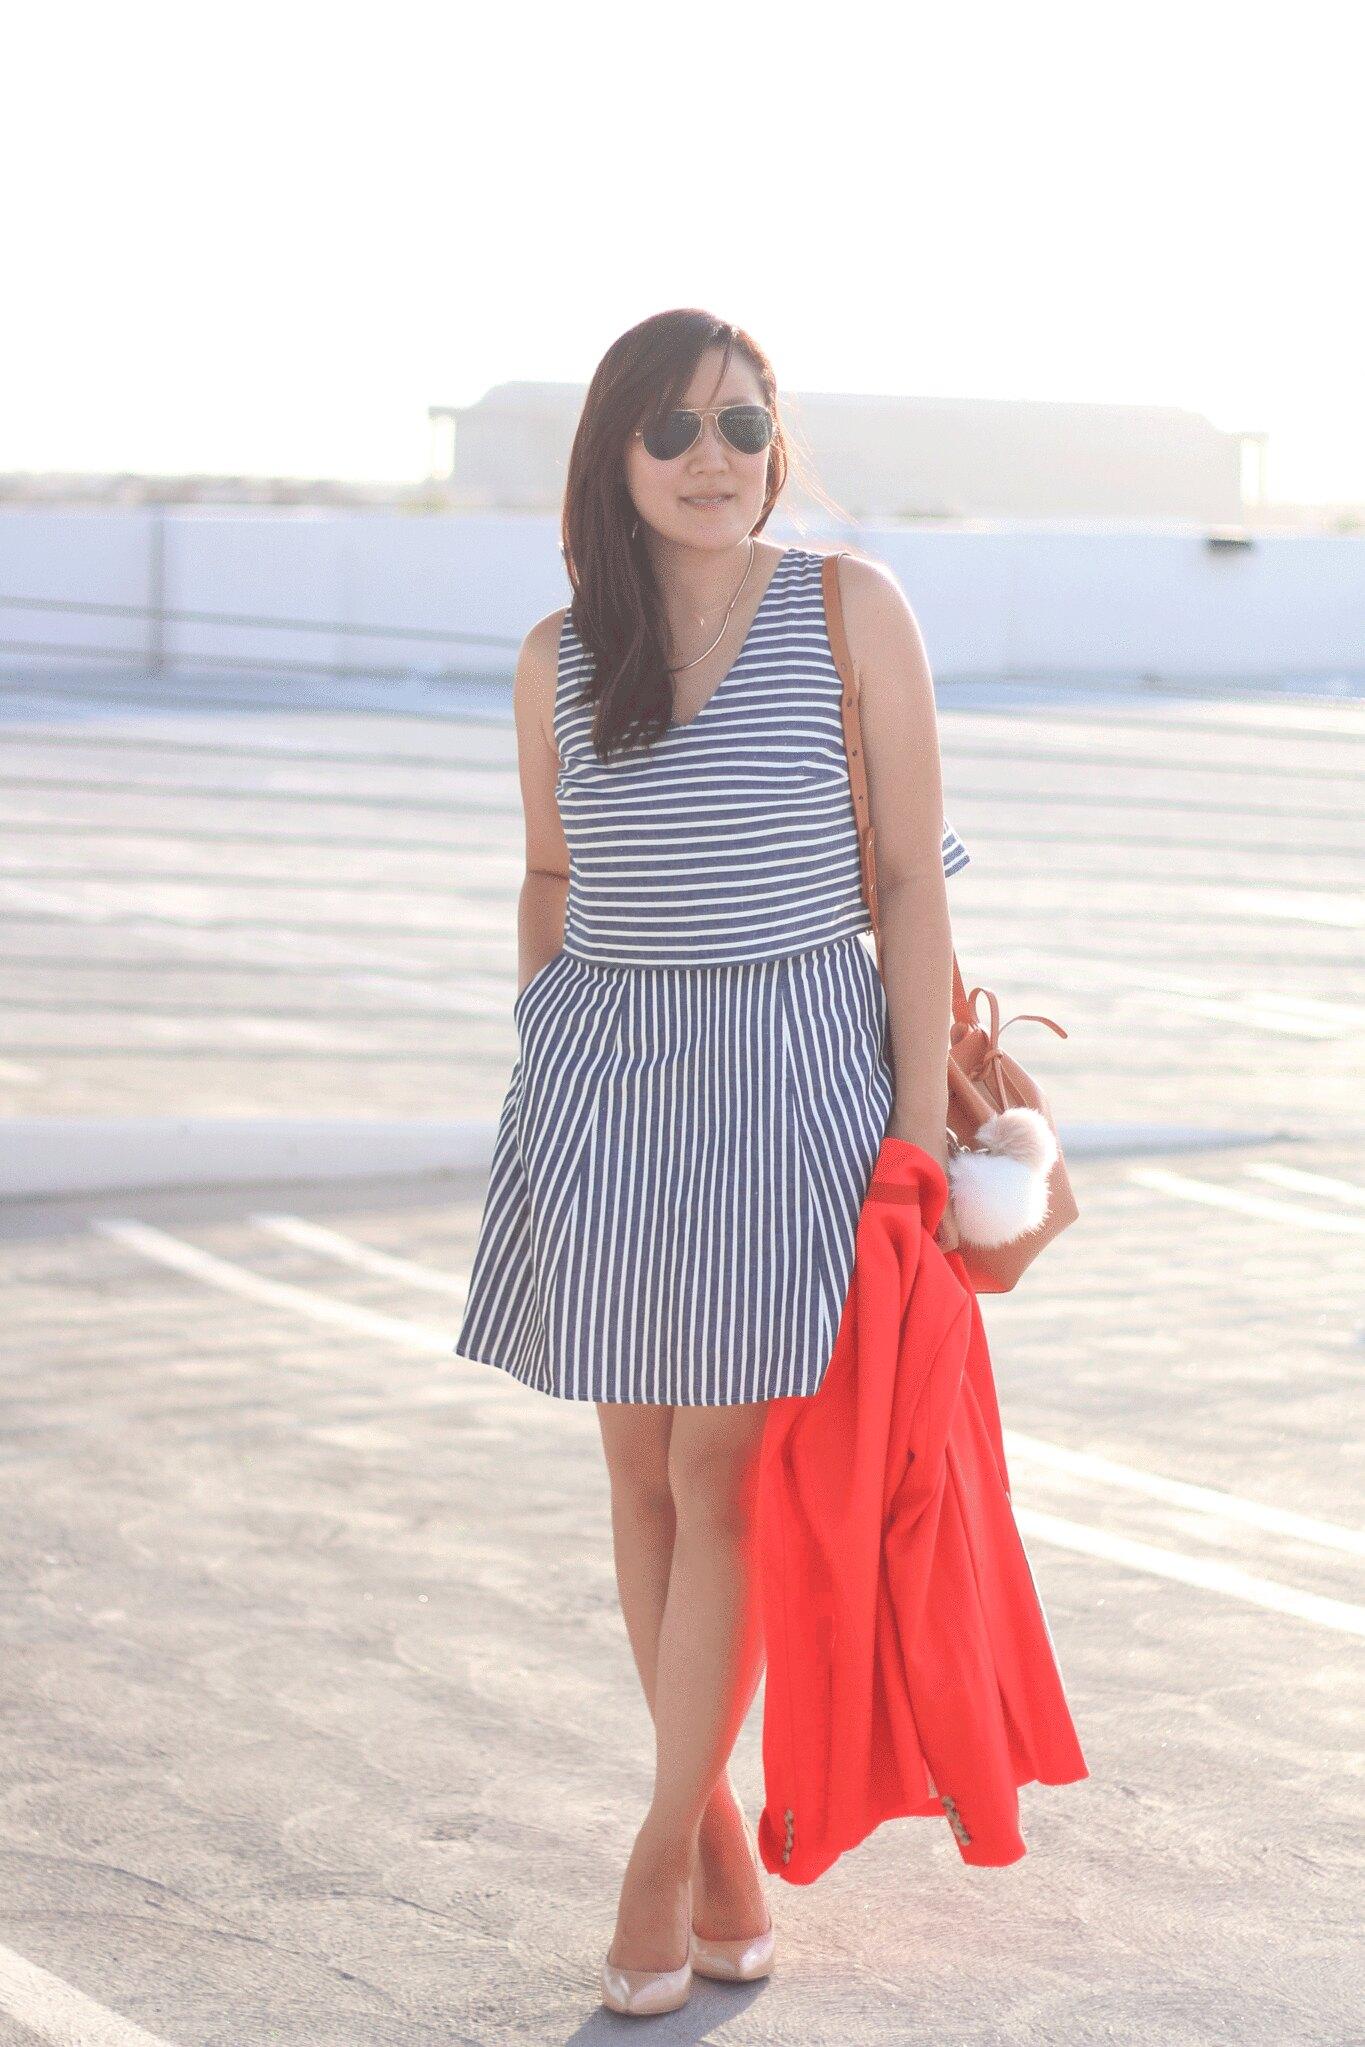 simplyxclassic, striped dress, blue stripe dress, orange blazer, jcrew, j.crew, blogger, style blogger, mommy blogger, mom fashion, 1.state dress, 1.state, mansur graviel, bucket bag, ootd, style, fashion, what to wear